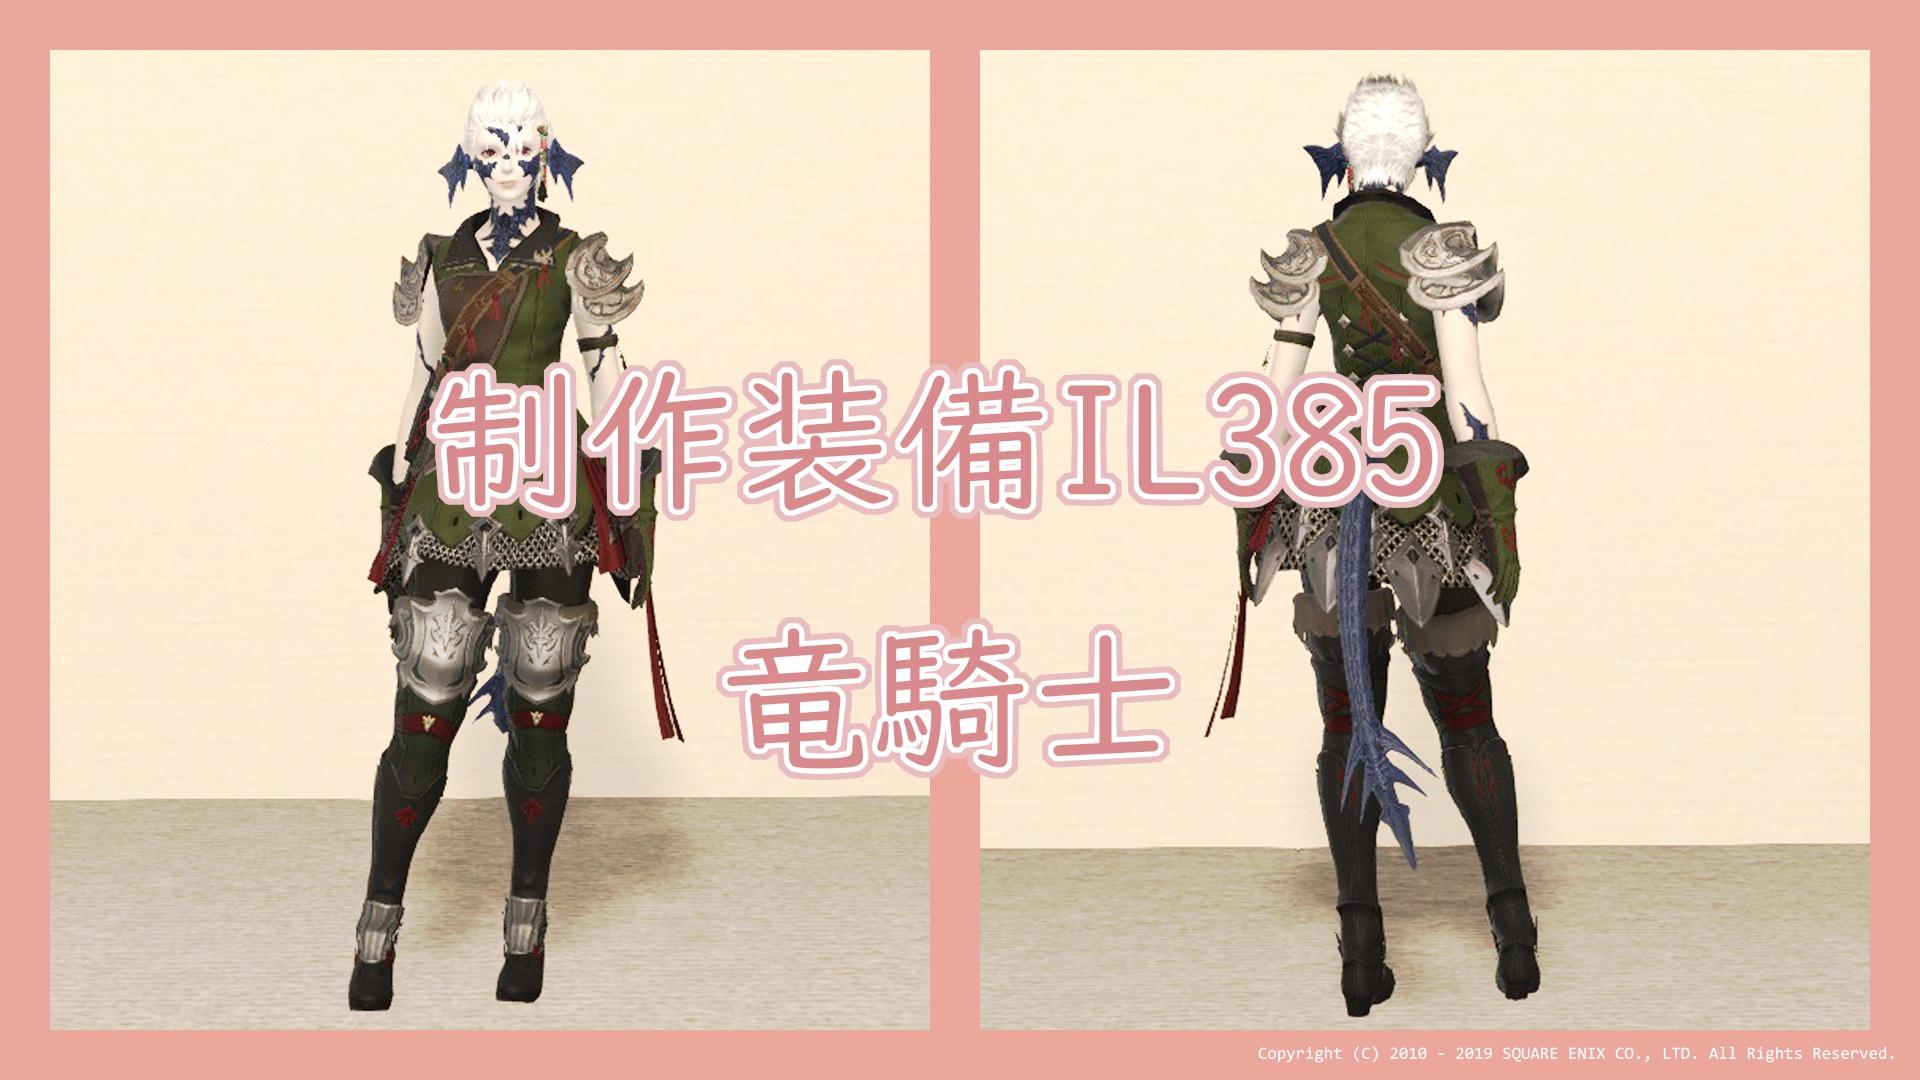 385c-drg-smn